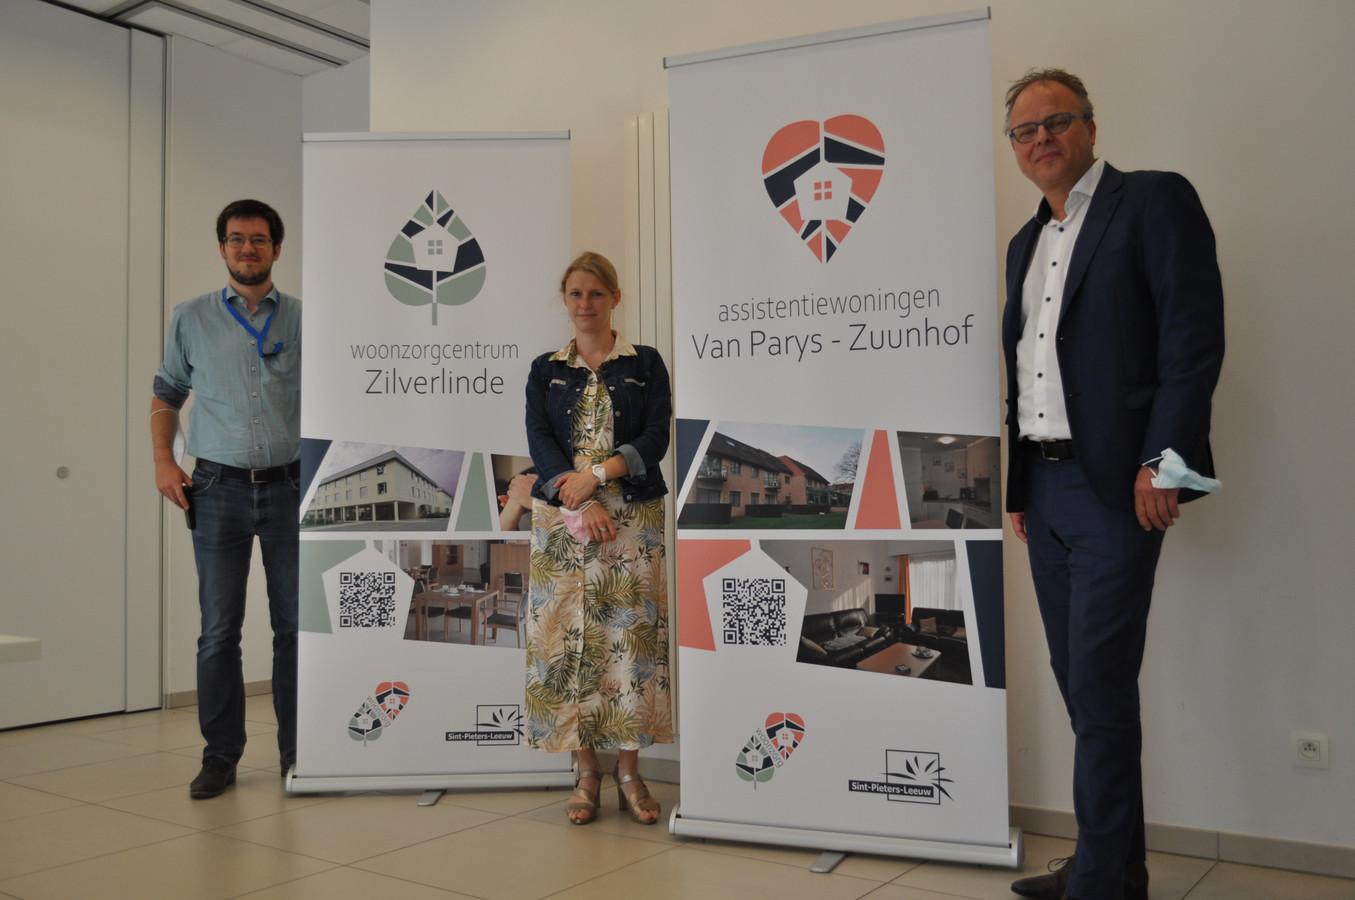 Burgemeester Jan Desmeth (N-VA) met de verantwoordelijken van het woonzorgcentrum Zilverlinde en de assistentiewoningen bij de nieuwe logo's.